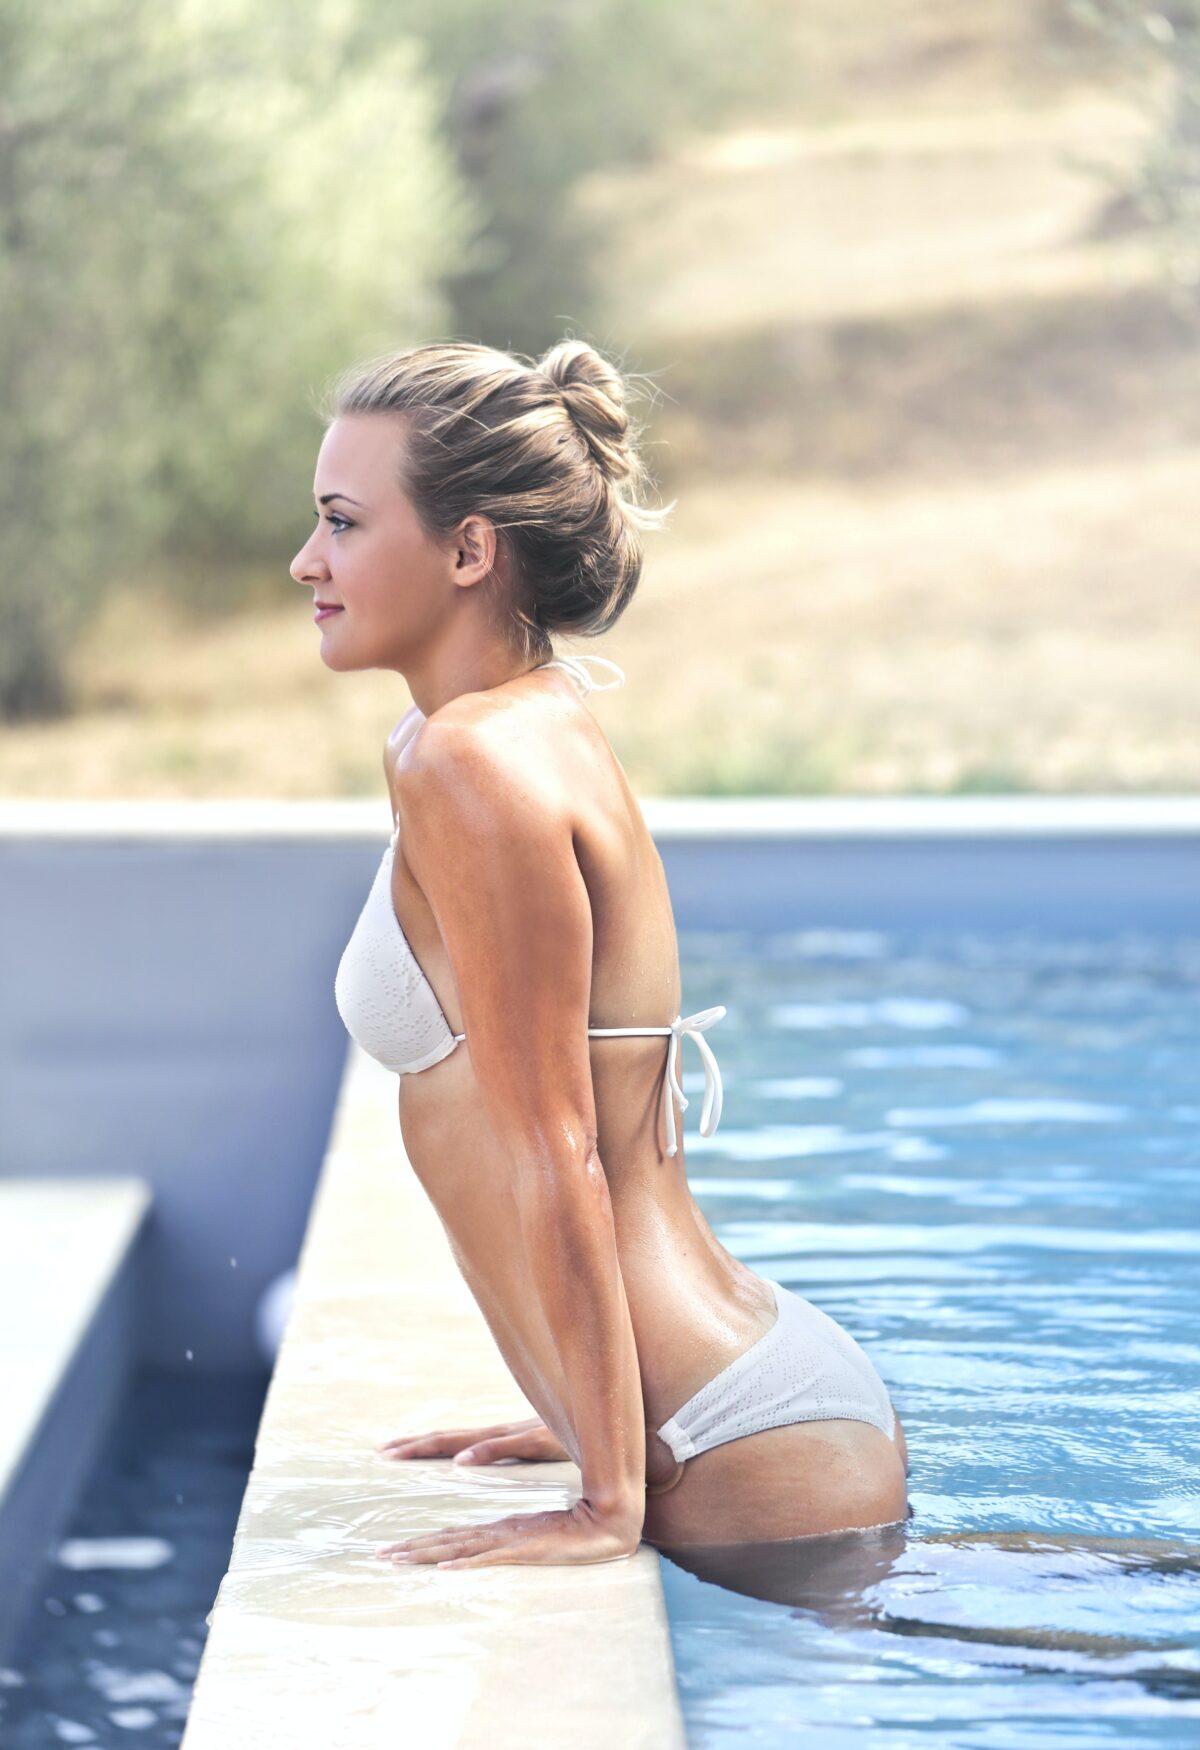 mujer-piscina-1200x1750.jpg